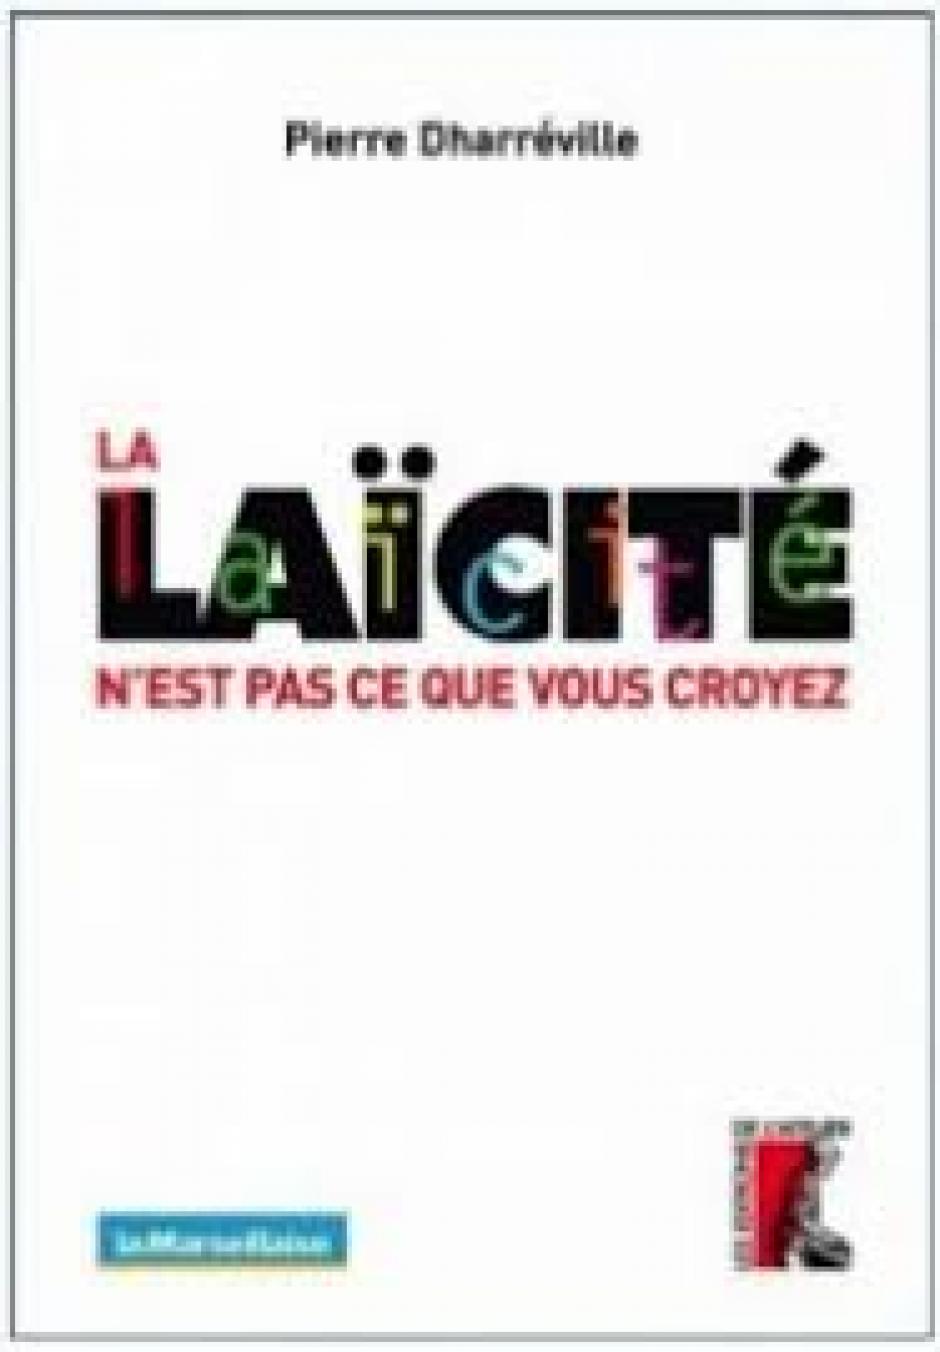 La laïcité et le corps, Pierre Dharréville*